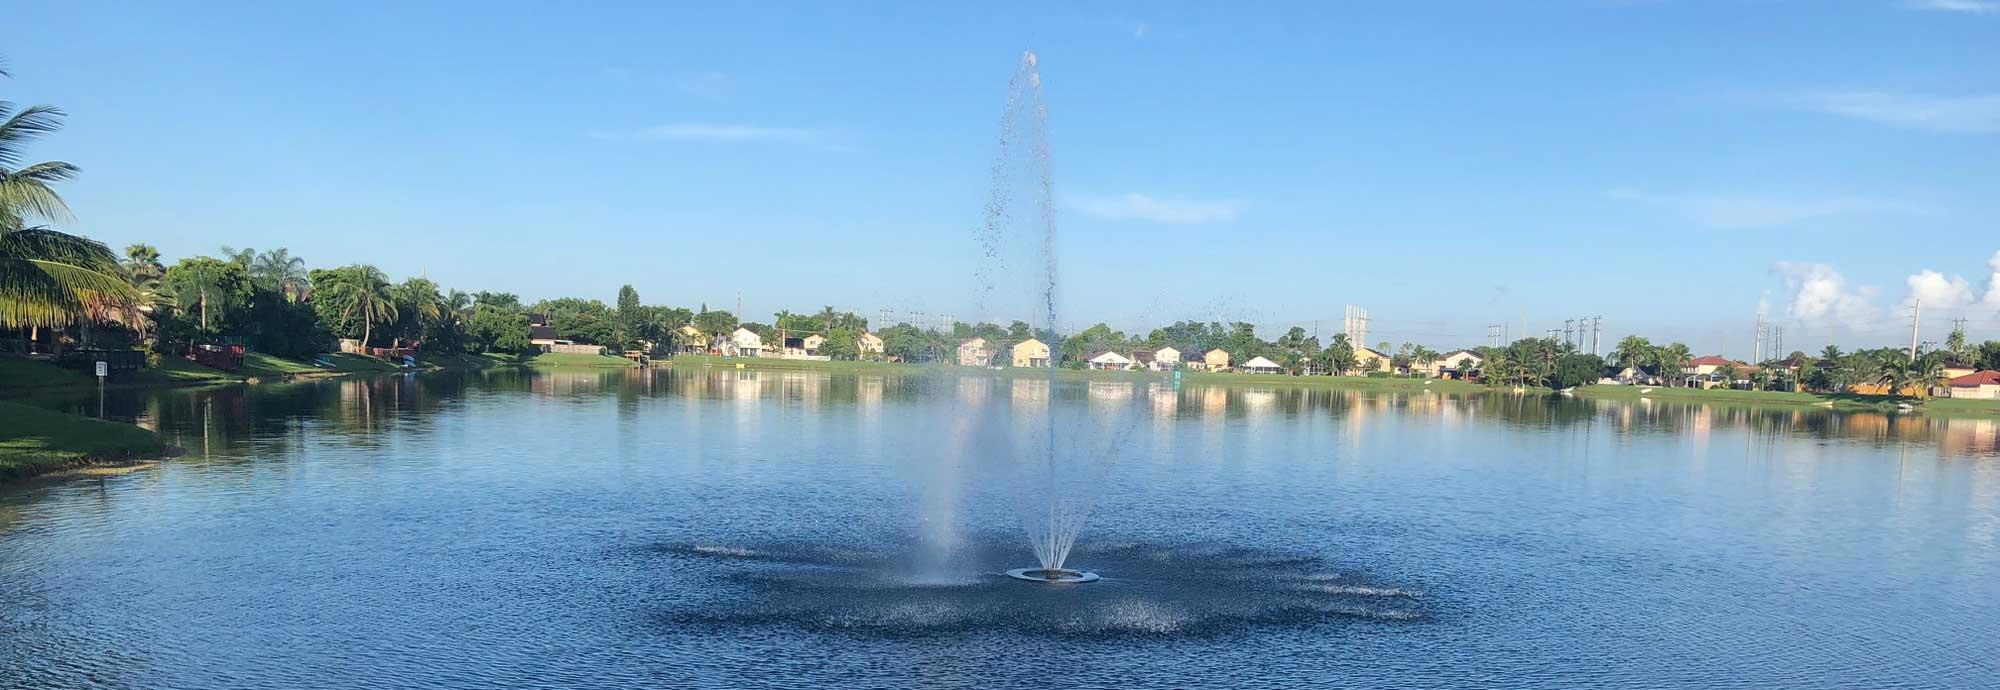 One of the lakes at Bonita Lakes